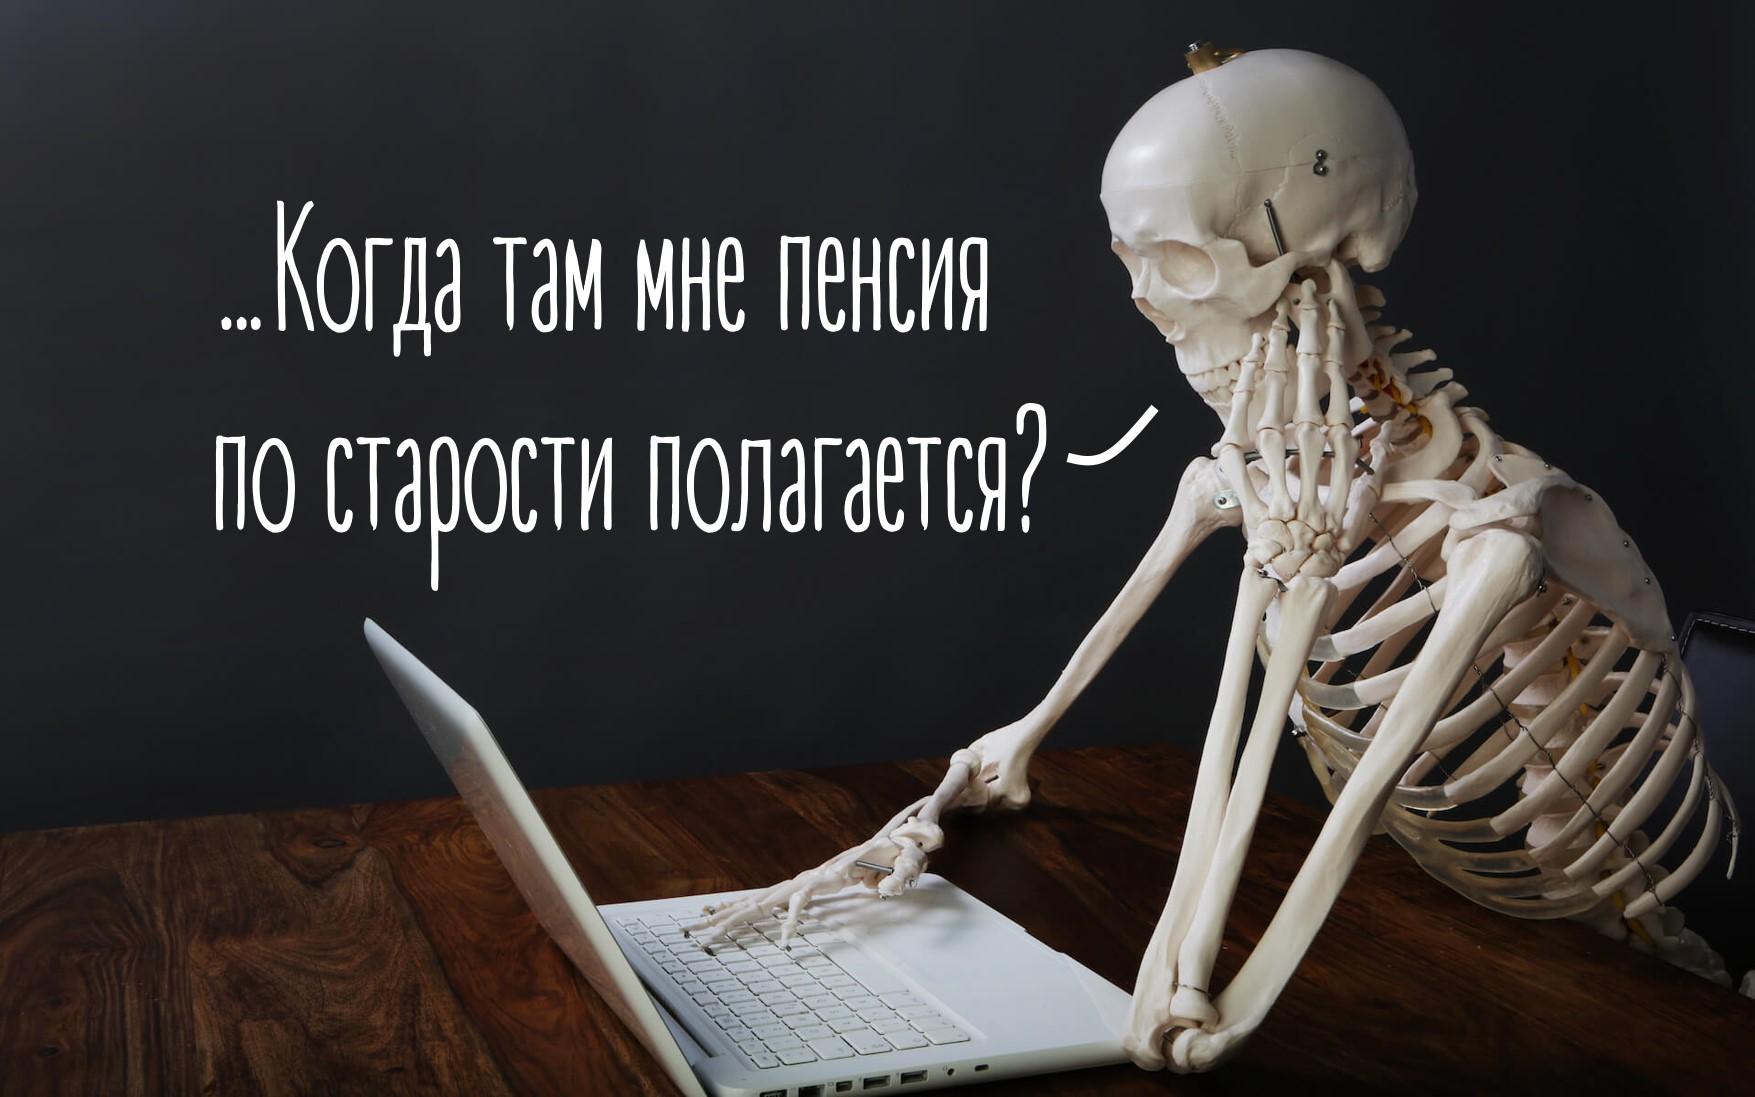 http://grosh-blog.ru повышение пенсионного возраста